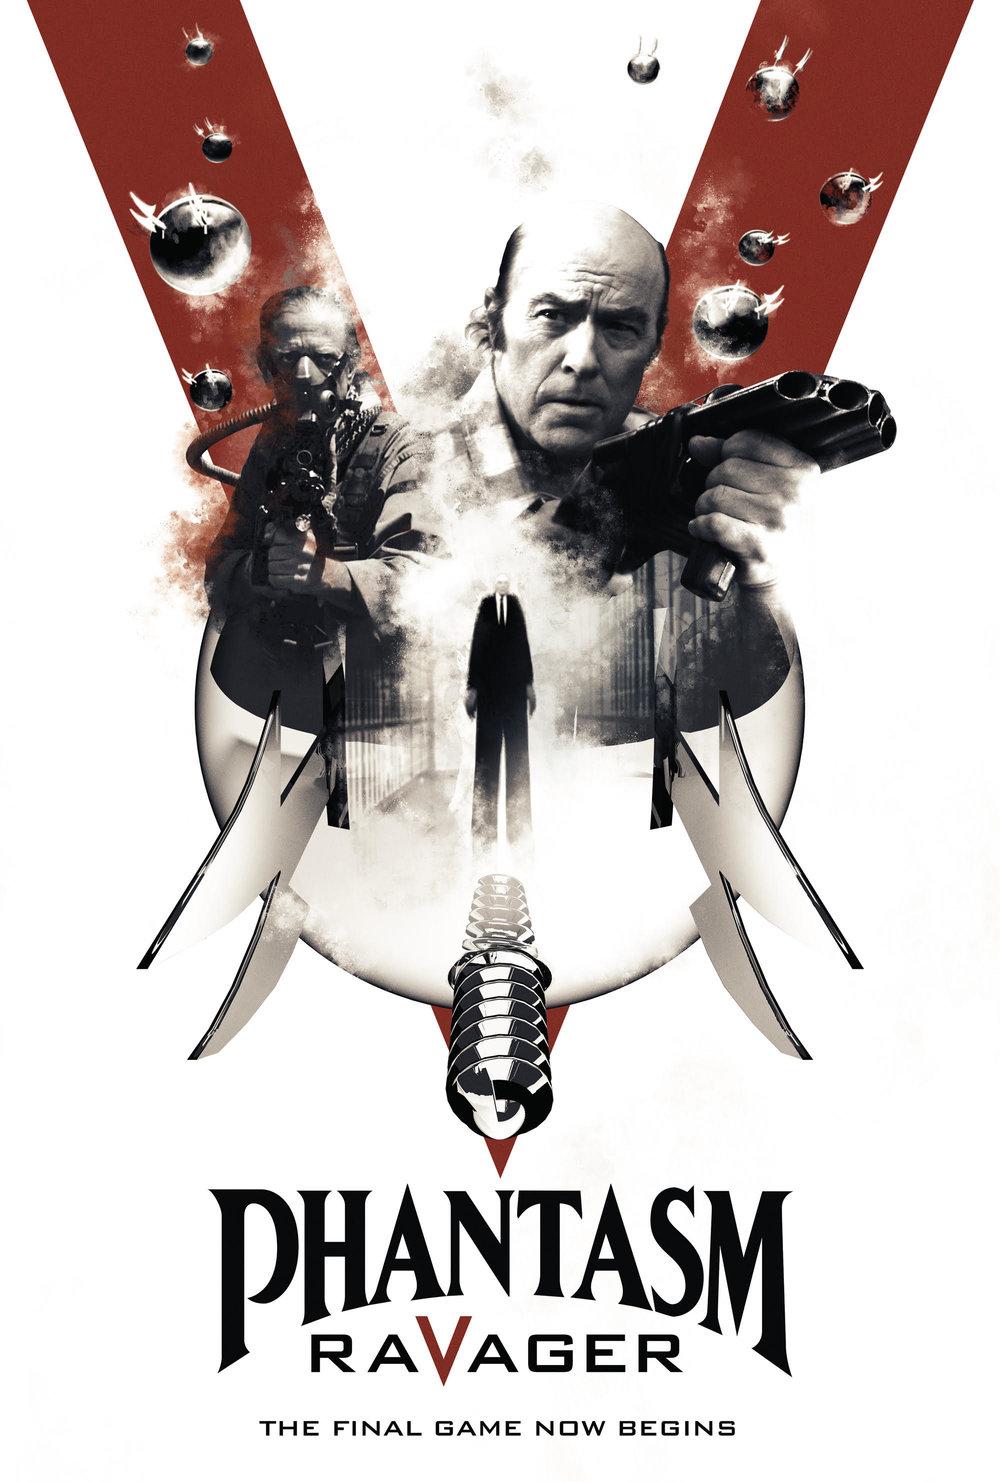 phantasm-ravager-poster.jpg